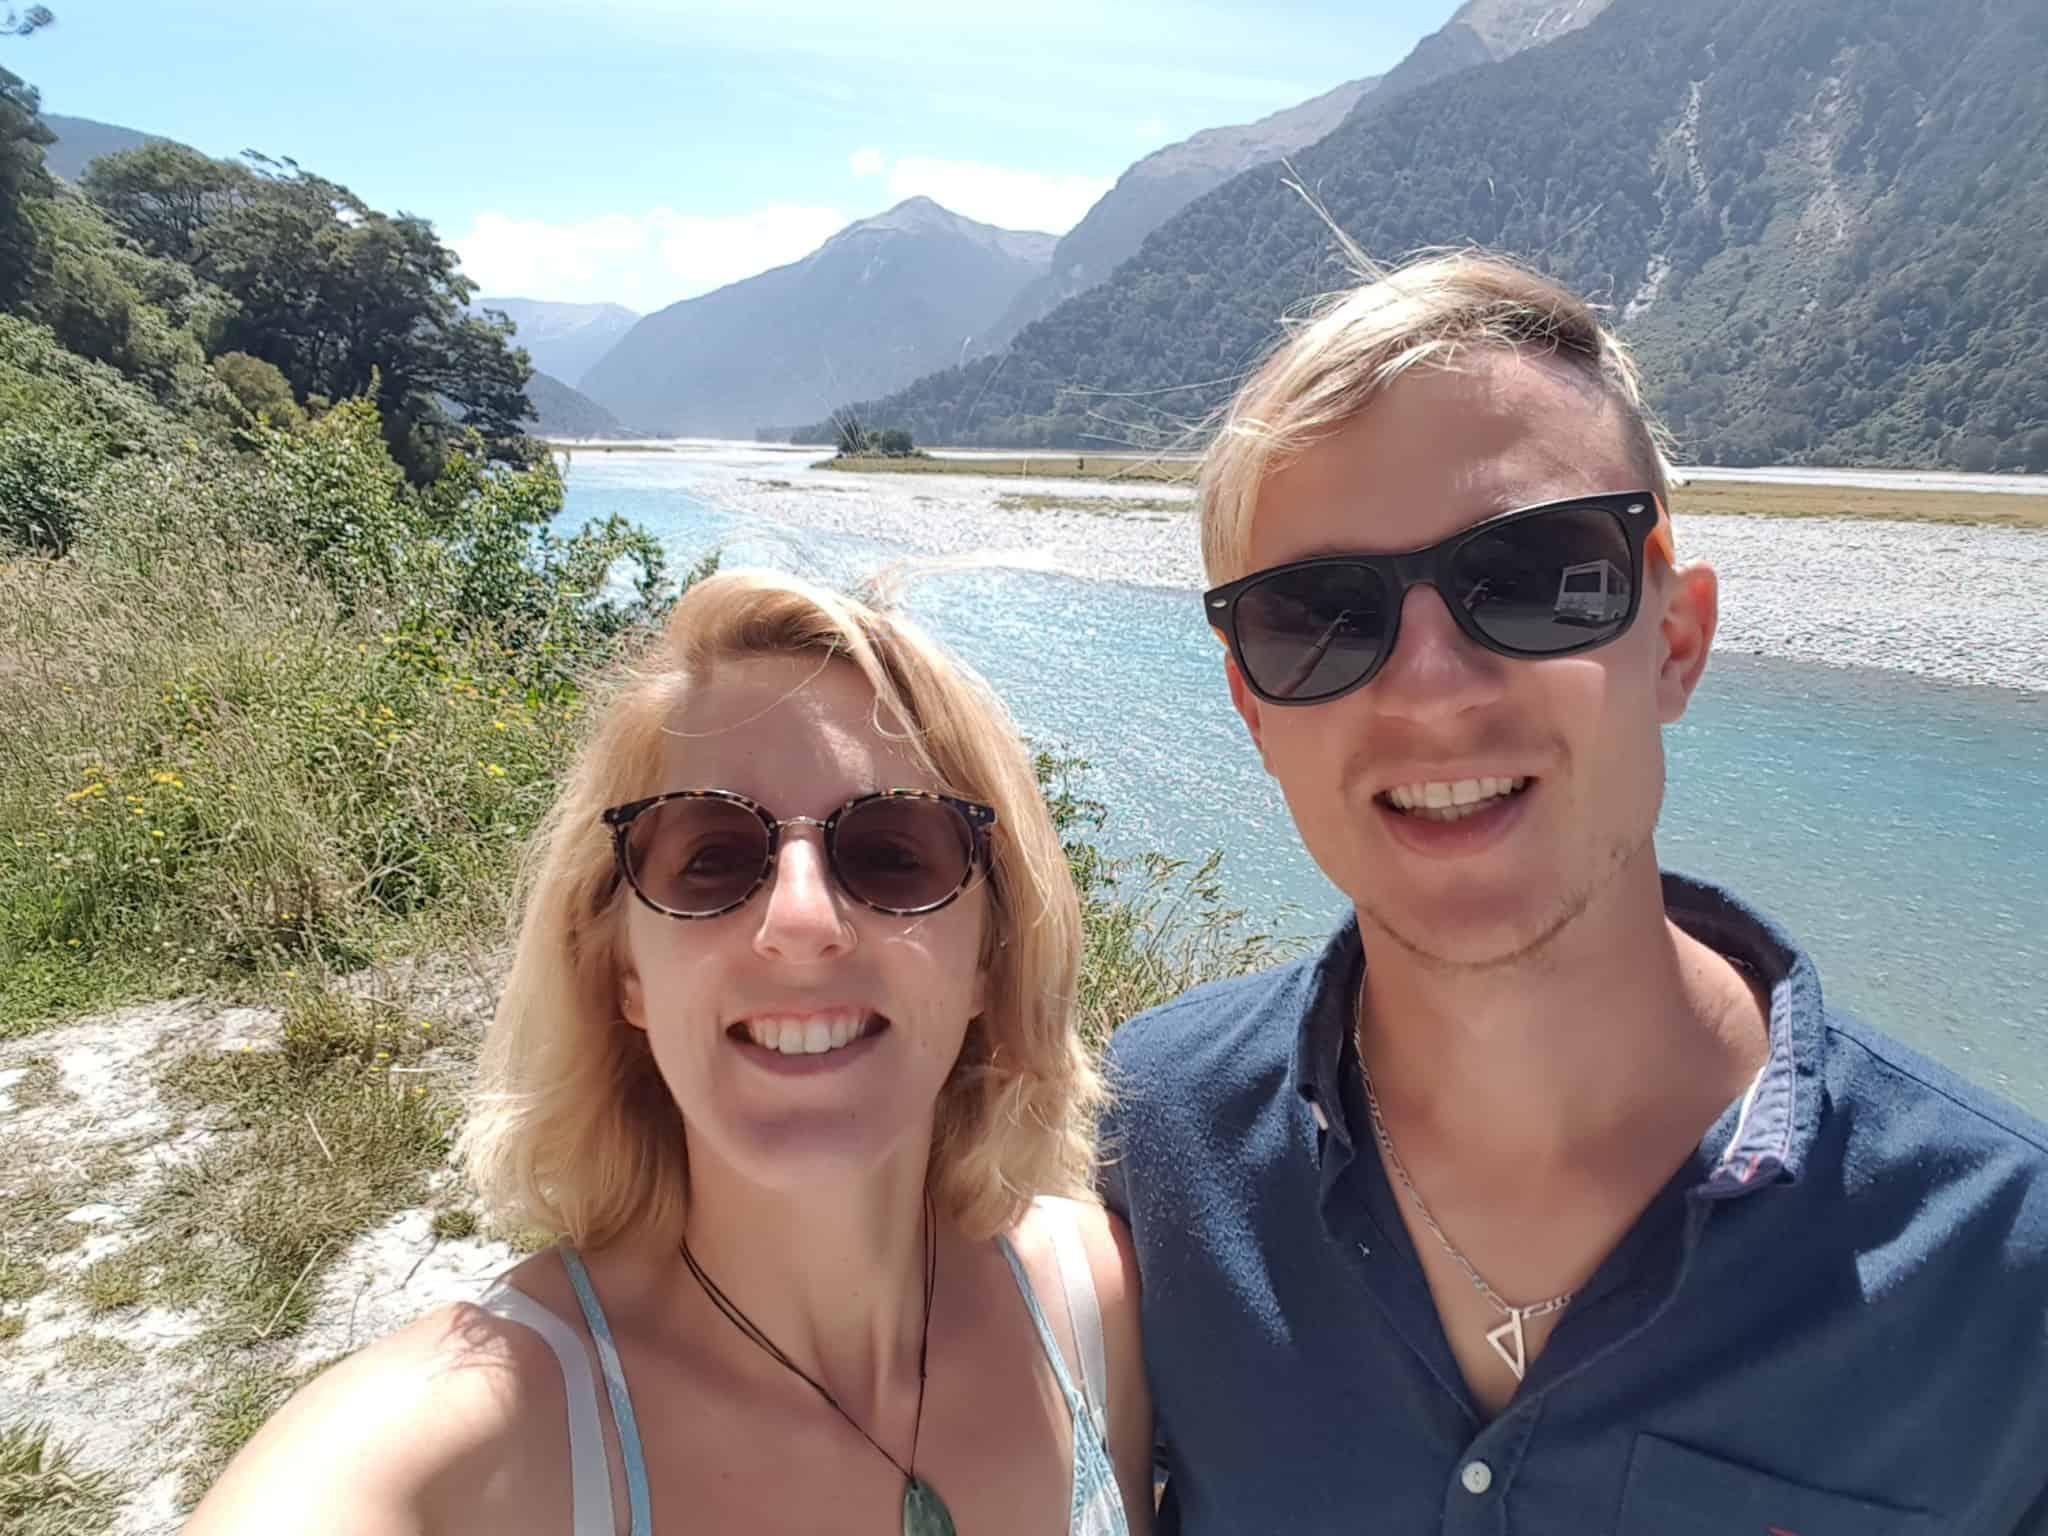 Nouvelle-Zélande, un levé de soleil féerique sur le lac Matheson ☀️ 29